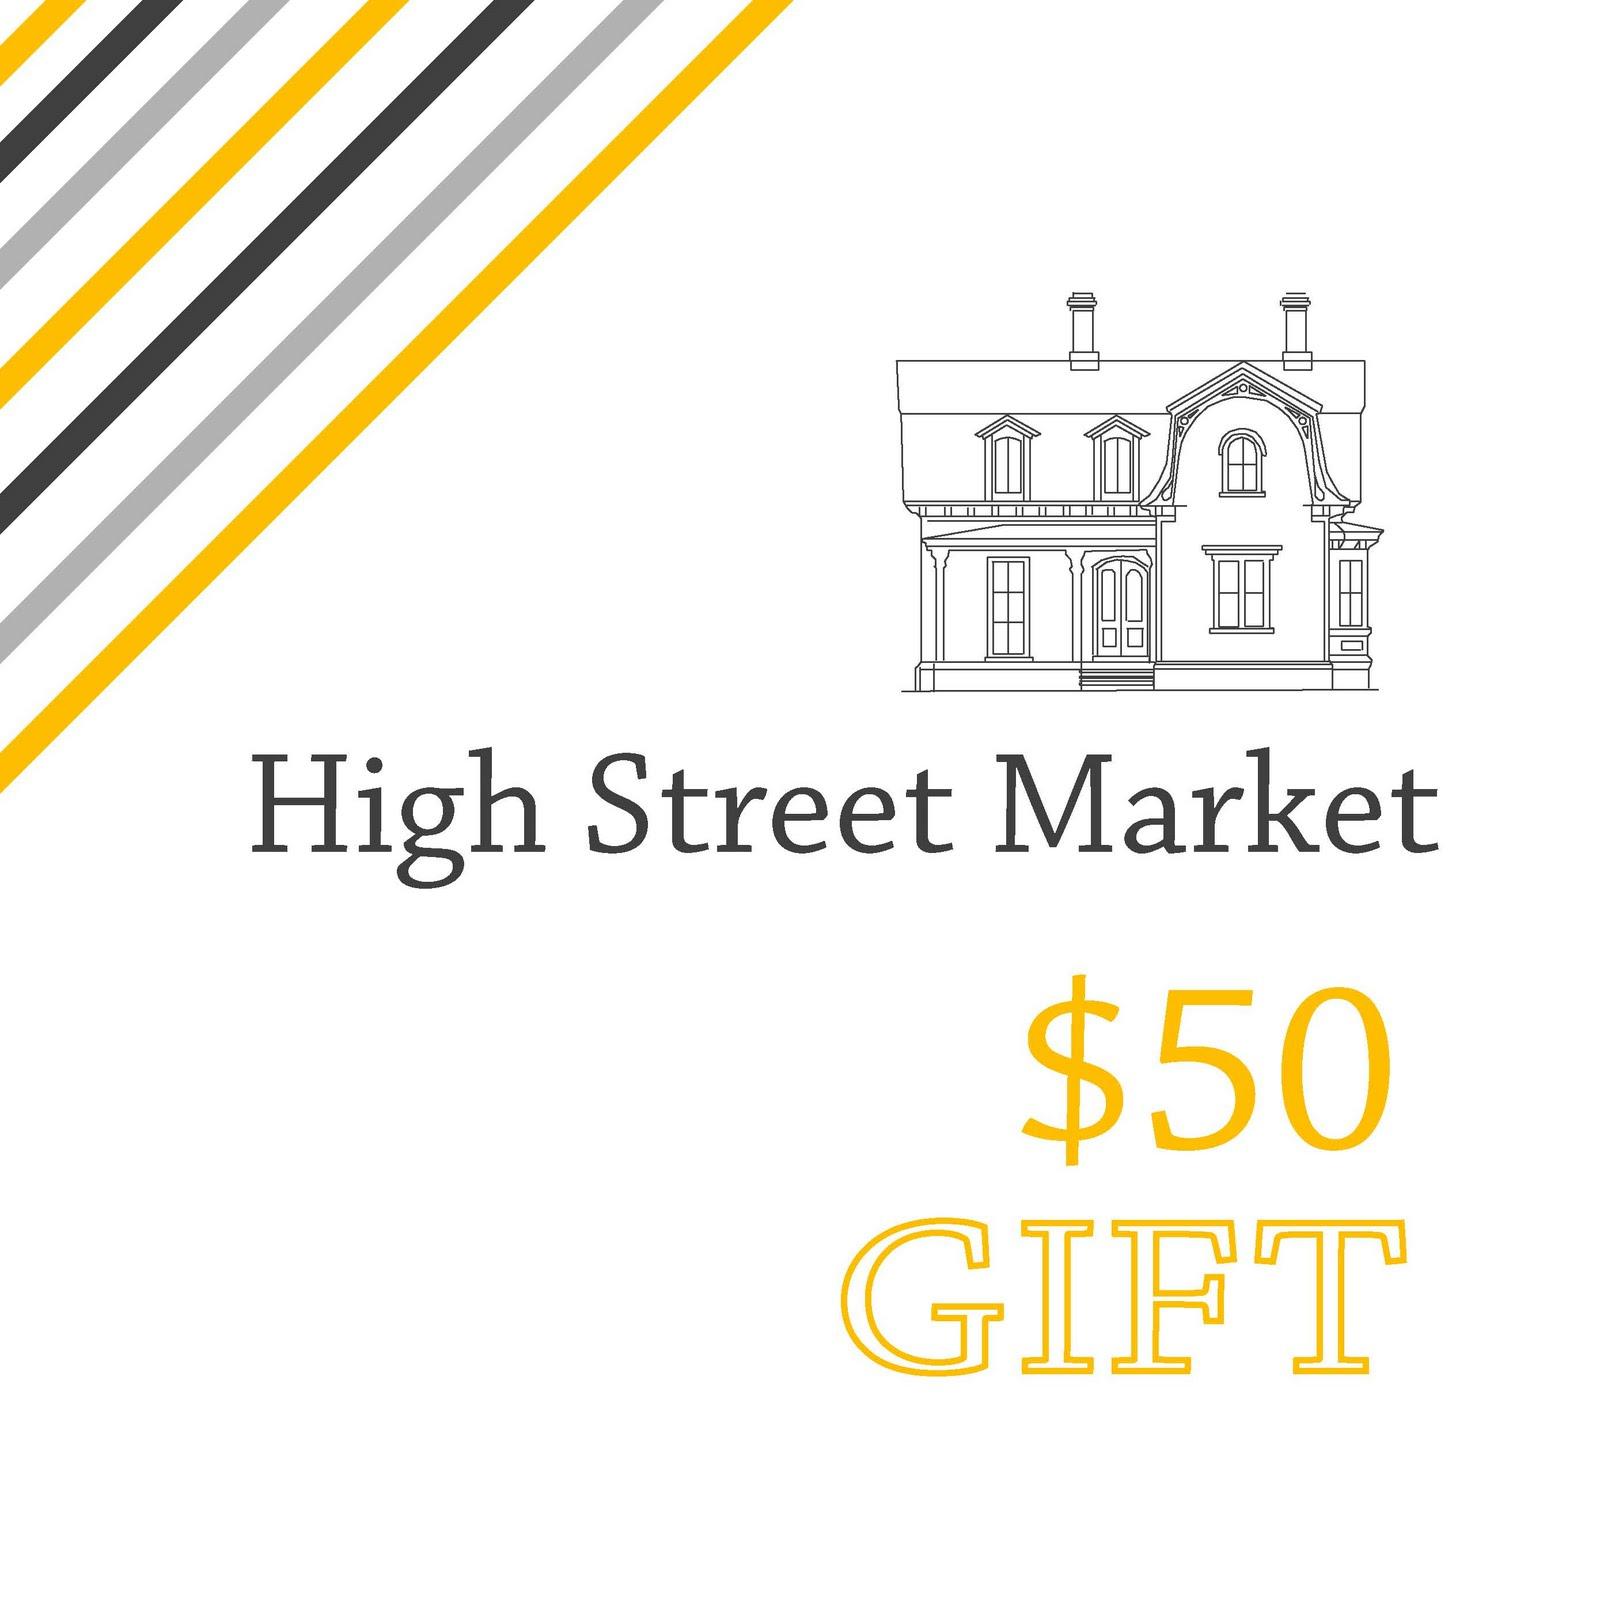 High Street Market Architectural Trim Wainscoting: High Street Market: High Street Market Gift Certificates